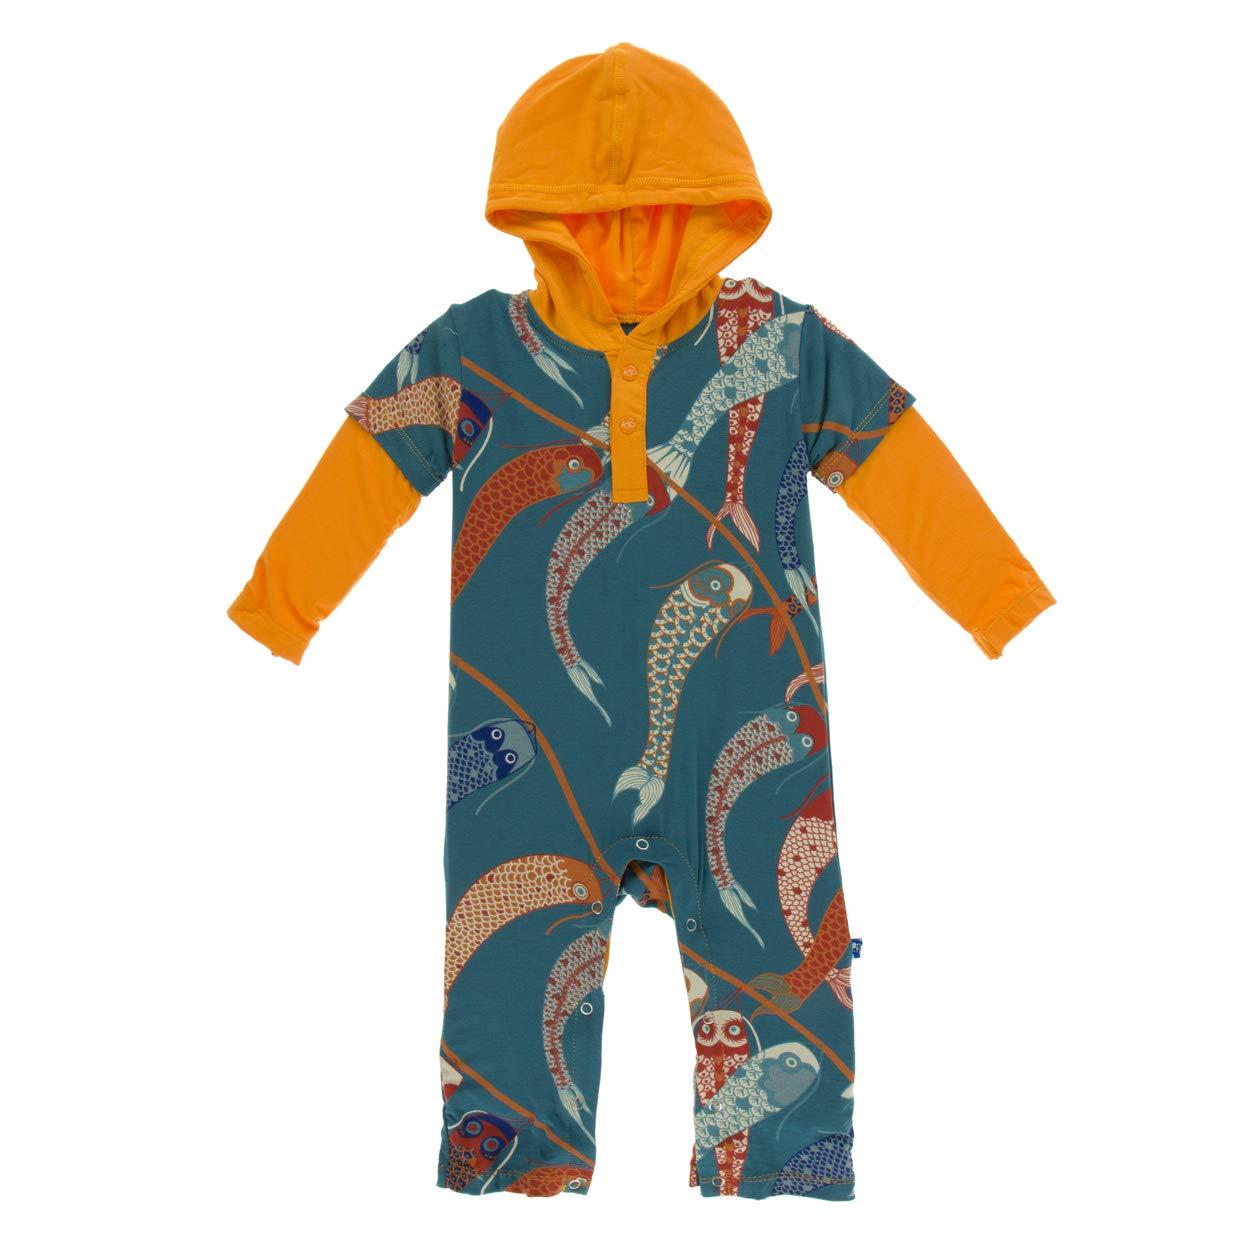 Kickee Pants Baby Boys Long Sleeve Hoodie Romper Prd-kplhr252-ttw